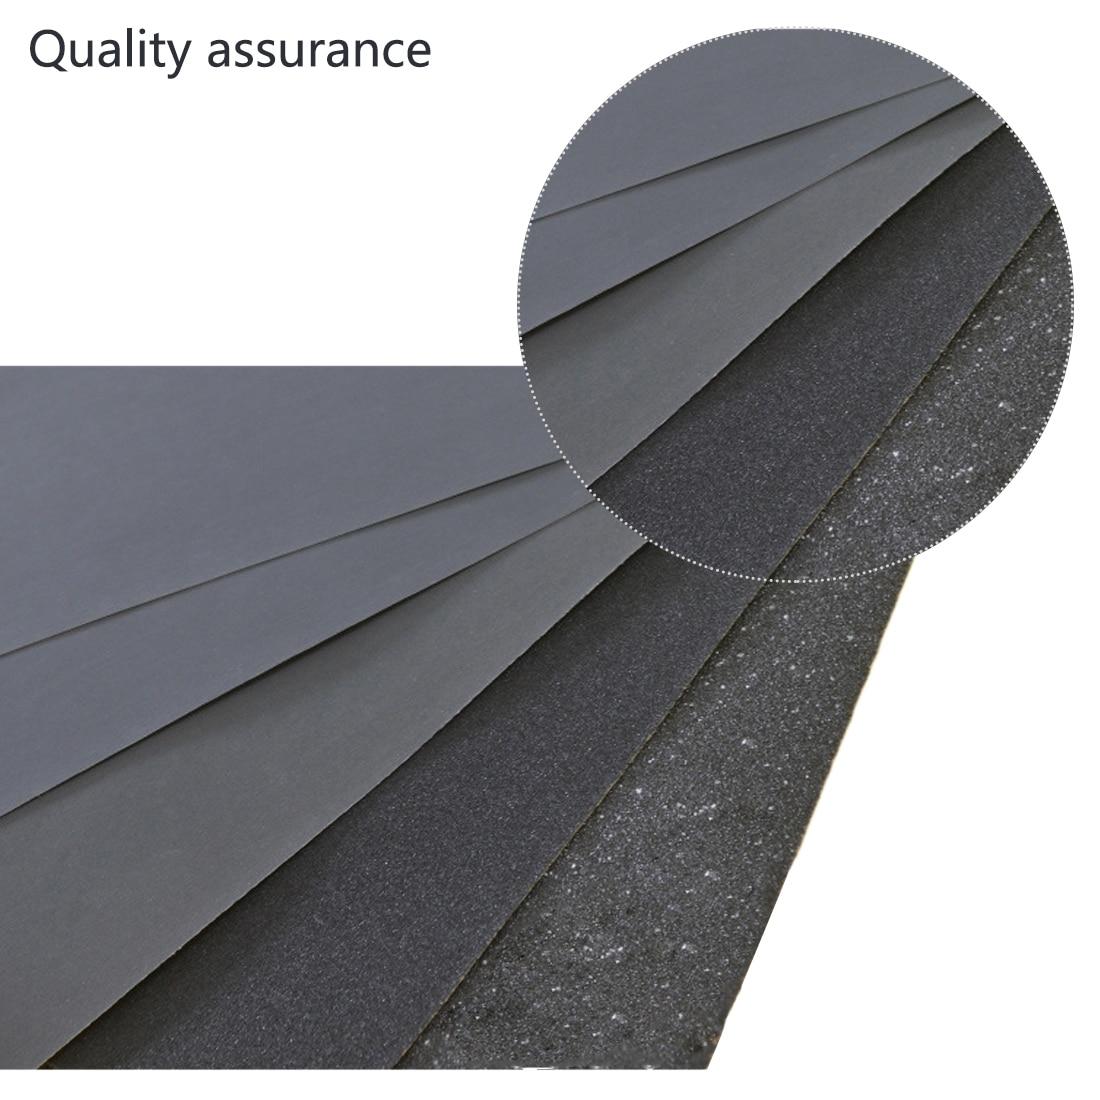 Grits 80#-2000# Waterproof Sanding Paper Wet Dry Polishing Sandpaper Grit Granularity Metal Wood